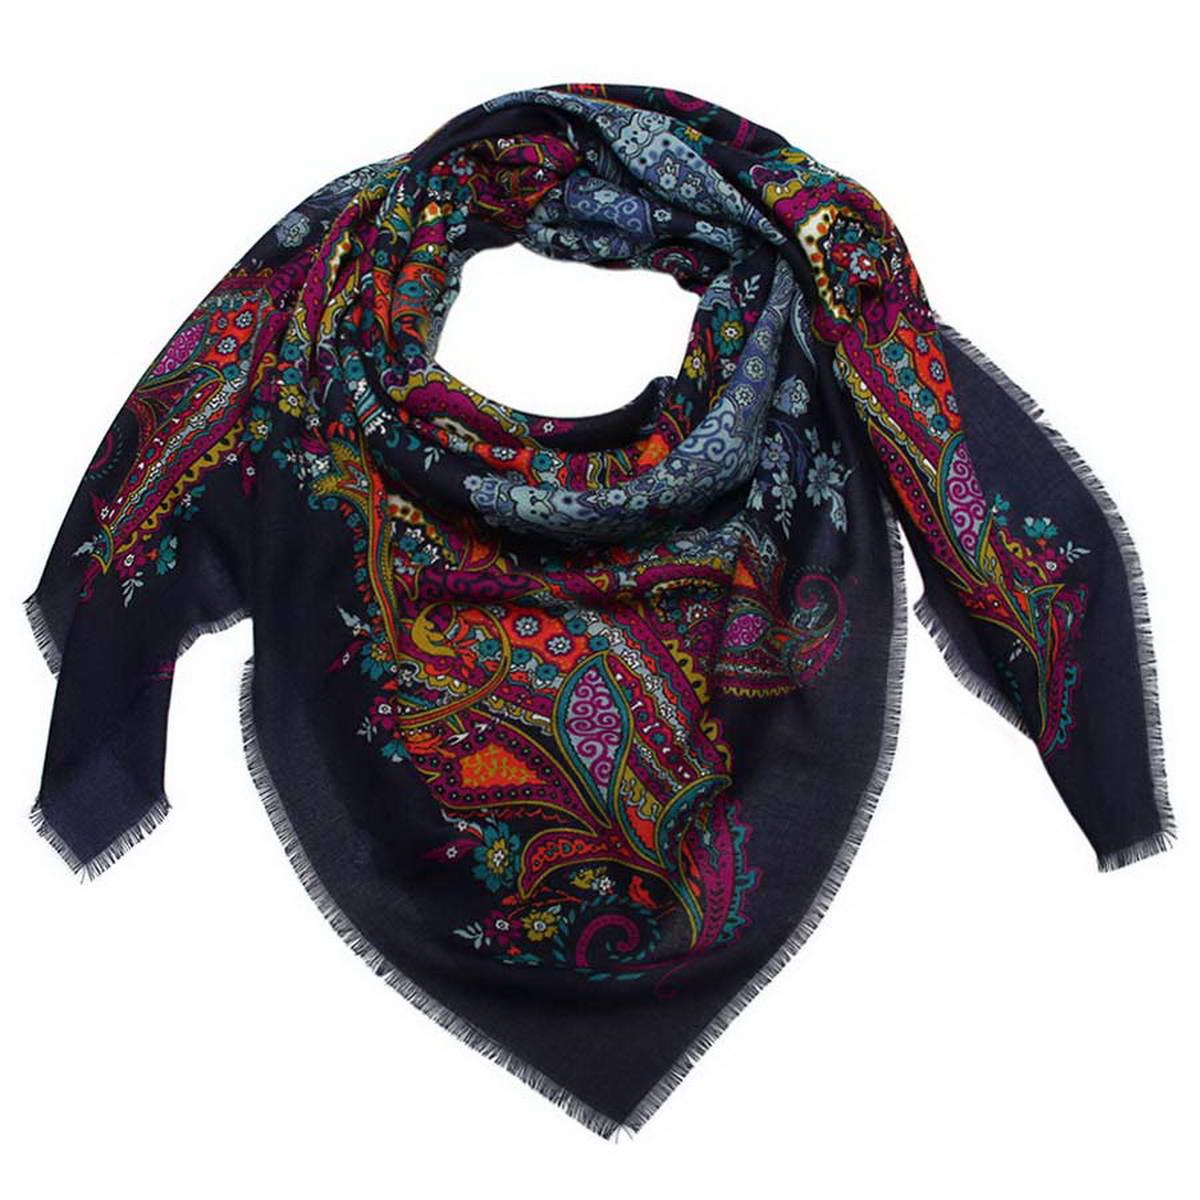 Платок женский Venera, цвет: темно-синий, фиолетовый, голубой. 6000452-11. Размер 120 см х 120 см6000452-11Стильный женский платок Venera станет великолепным завершением любого наряда. Платок изготовлен из полиэстера и оформлен оригинальным принтом. Края изделия дополнены бахромой.Классическая квадратная форма позволяет носить платок на шее, украшать им прическу или декорировать сумочку. Легкий и приятный на ощупь платок поможет вам создать изысканный женственный образ. Такой платок превосходно дополнит любой наряд и подчеркнет ваш неповторимый вкус и элегантность.